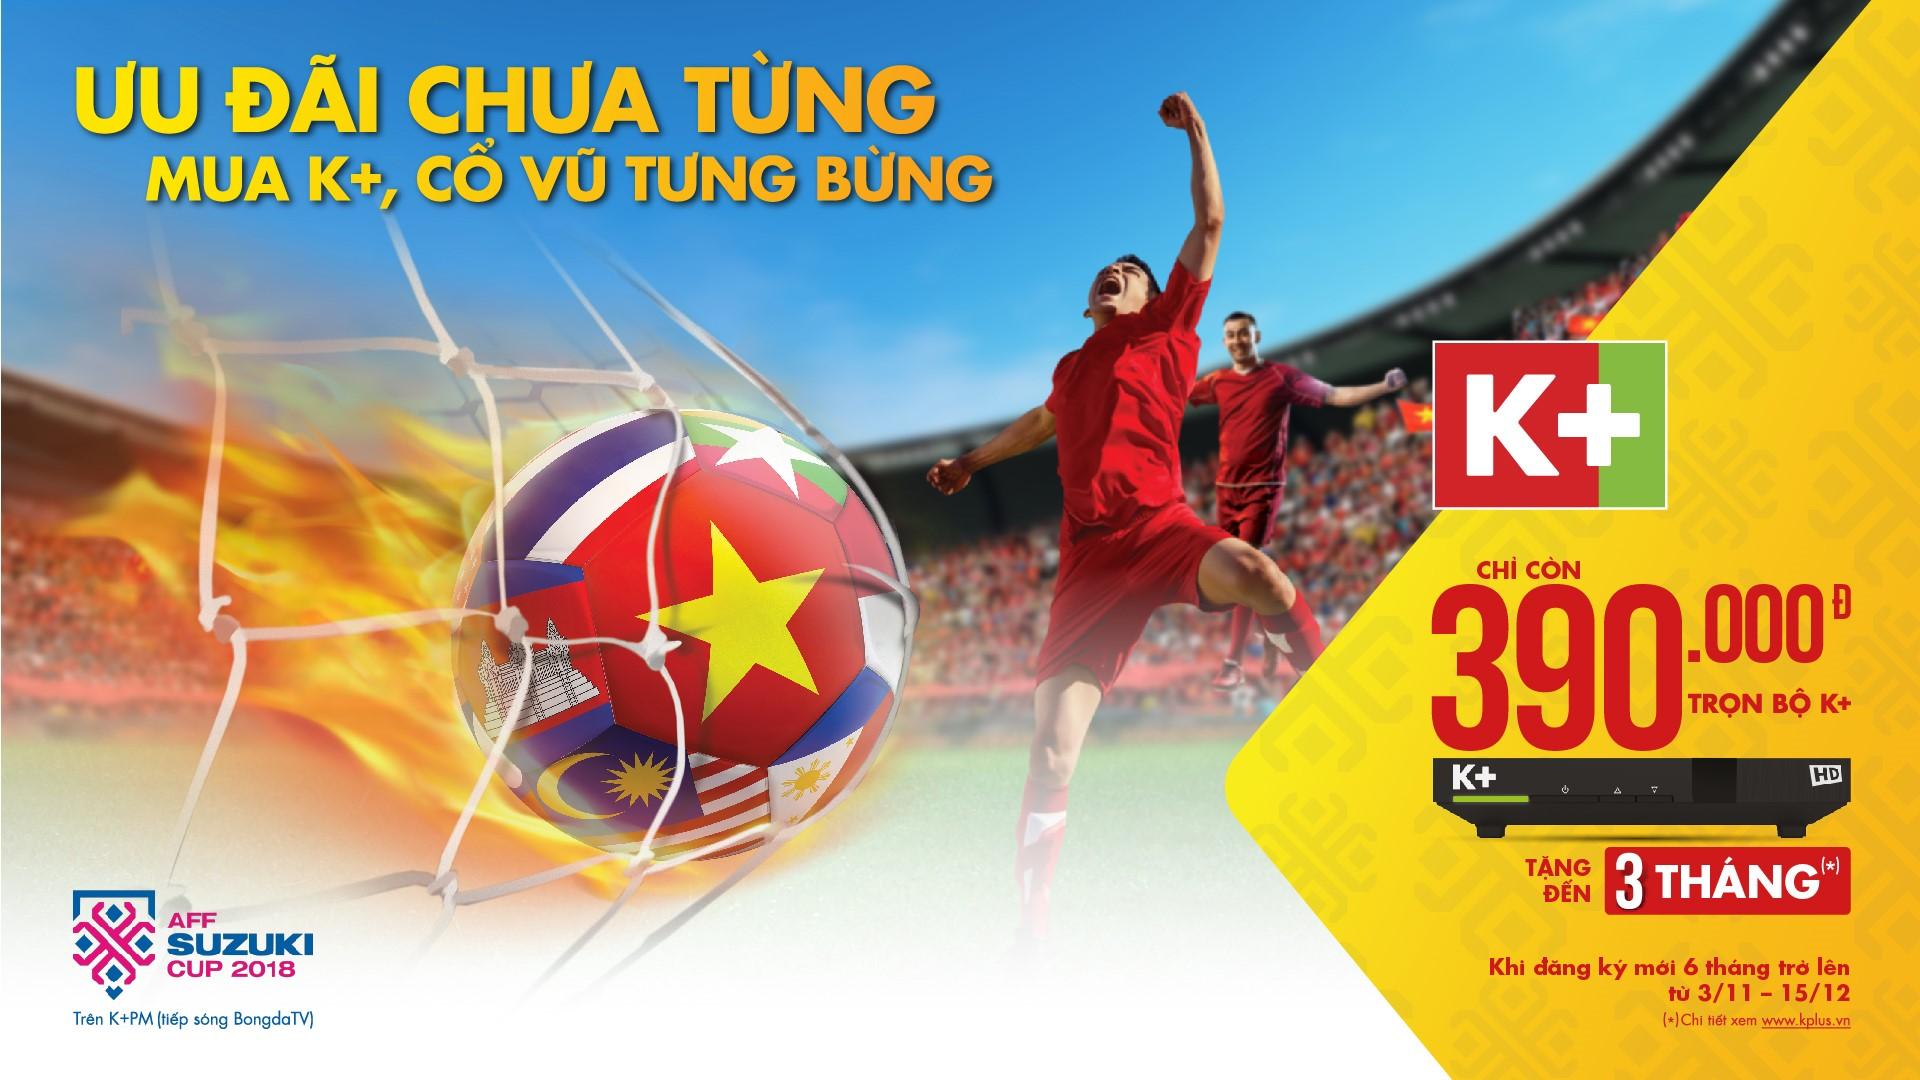 Ưu đãi lớn nhất trong năm khi lắp đặt K+ cổ vũ tuyển Việt Nam tại AFF Cup